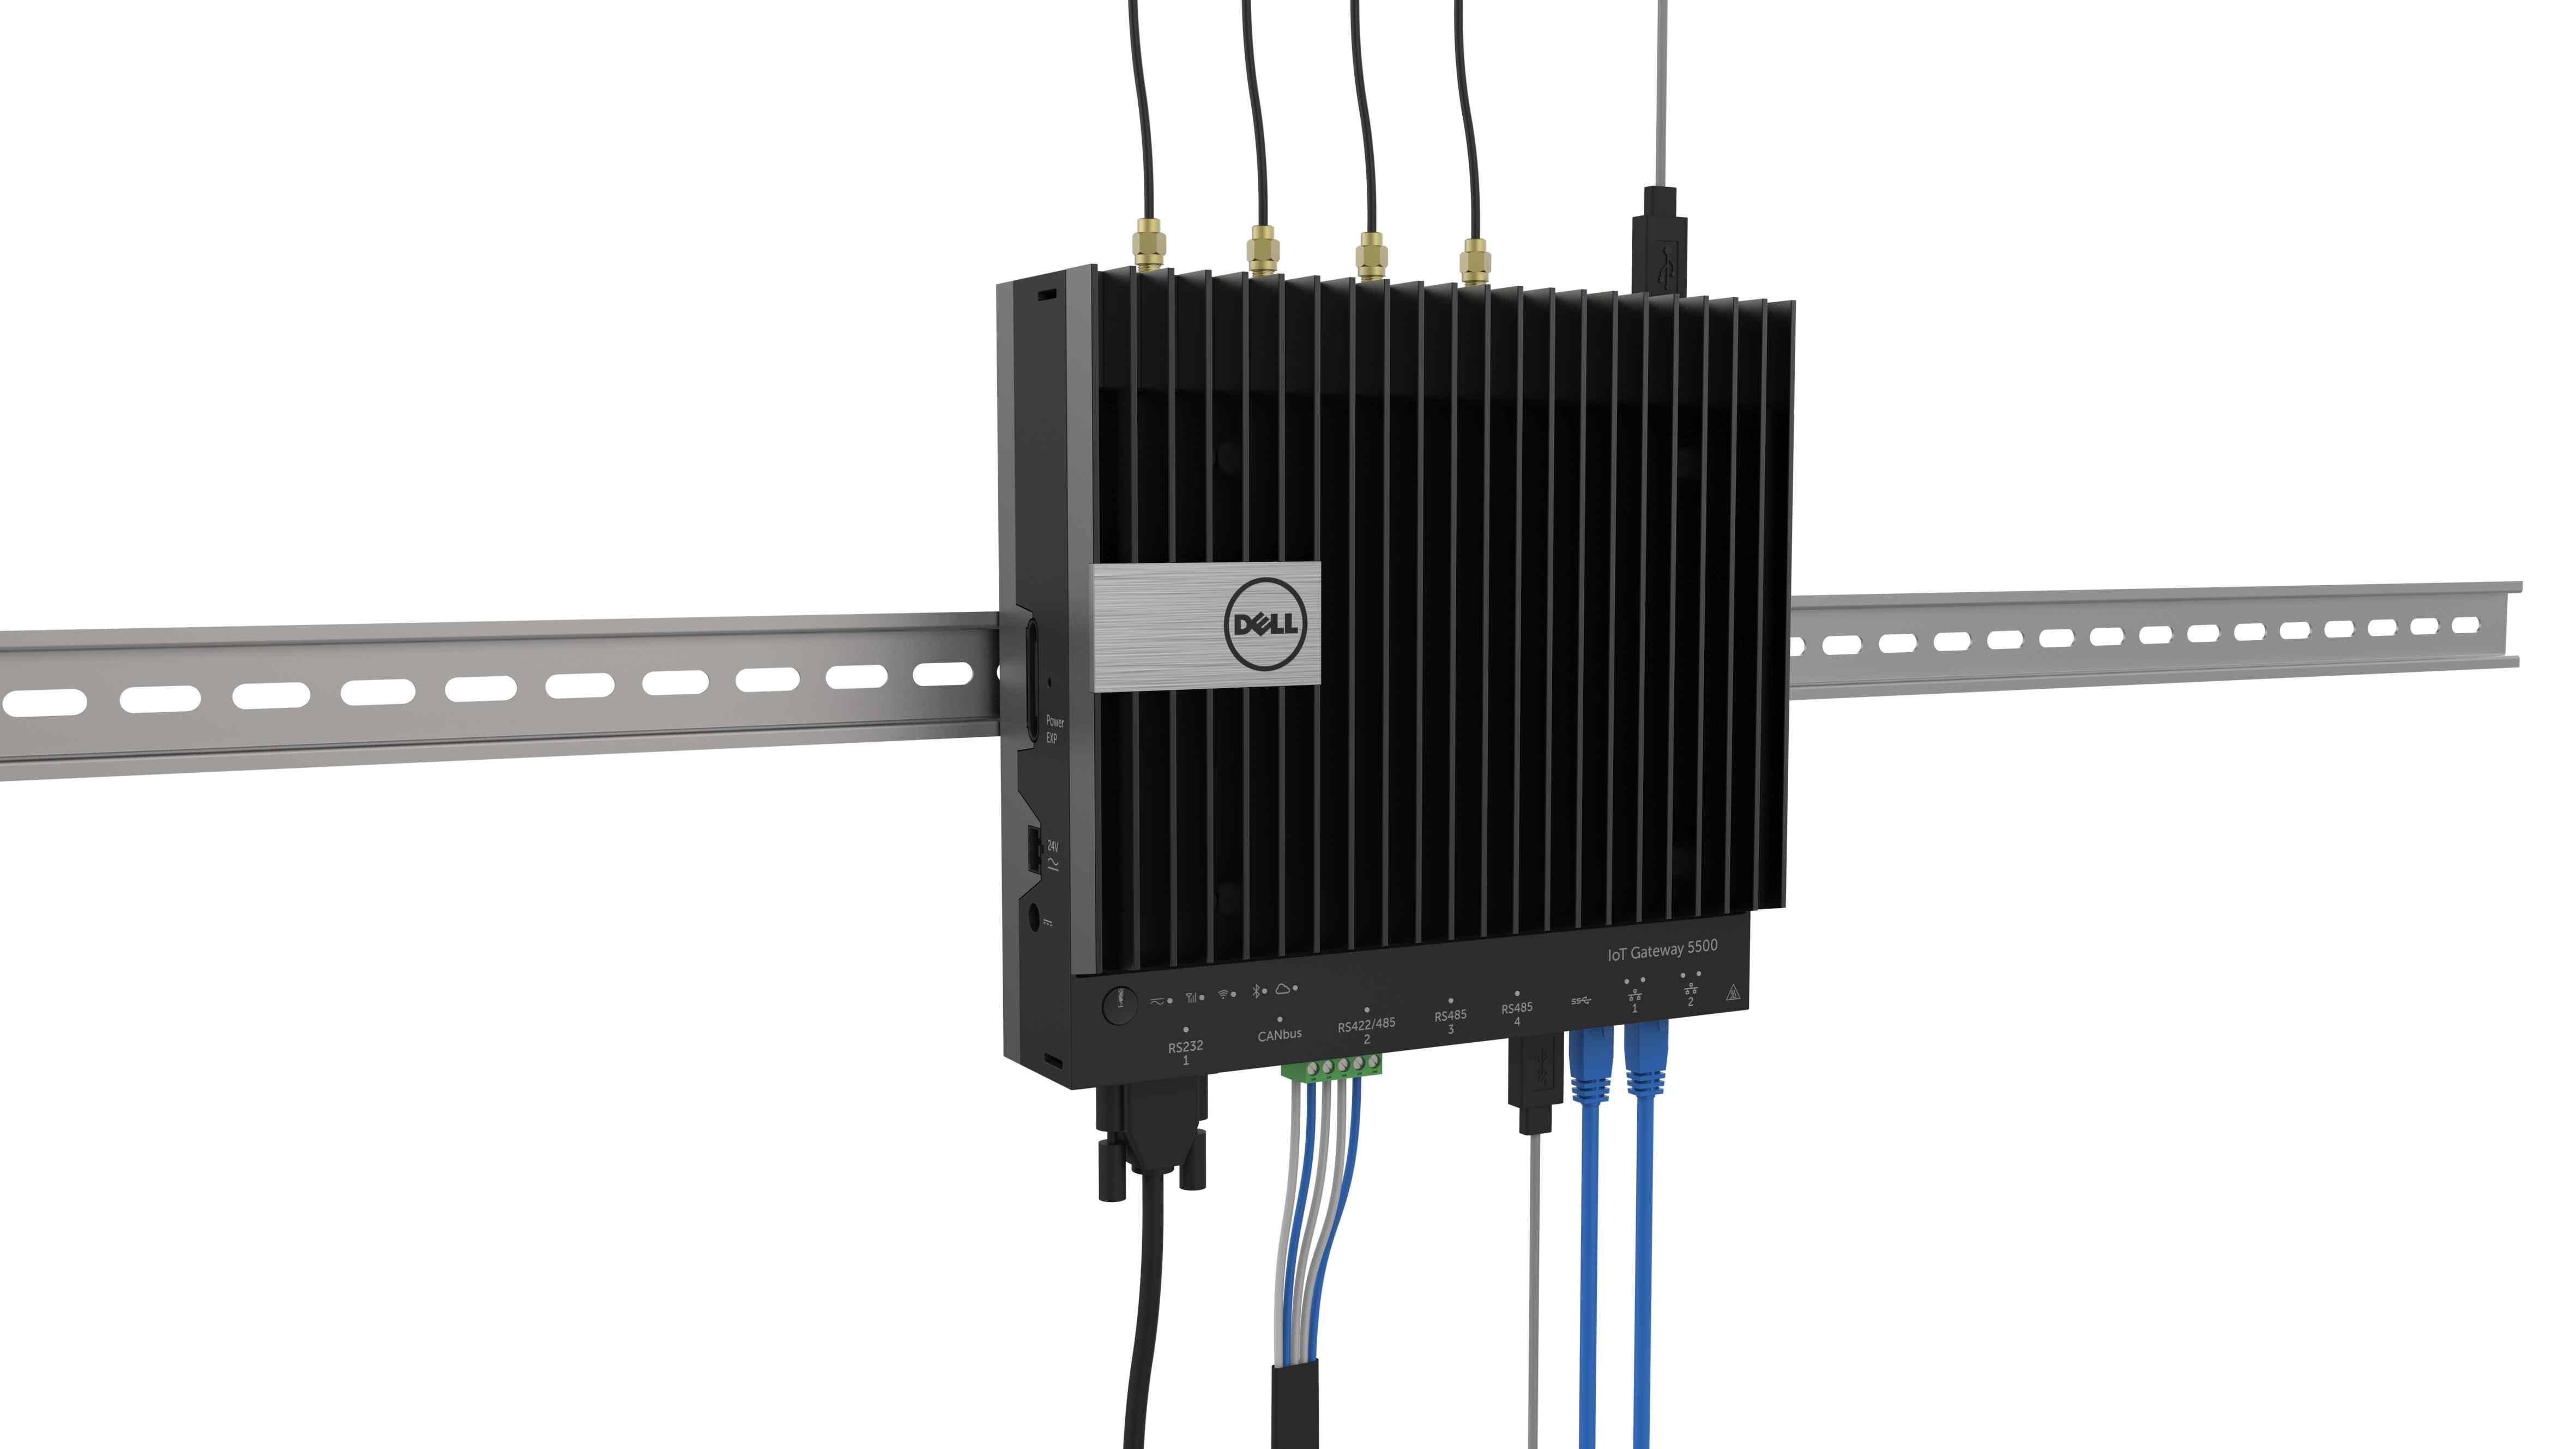 Pripojené senzory a zariadenia dokážu v priemysle vygenerovať veľké množstvo dát. Nie všetky sú dôležité, Dell Edge Gateway 5000 funguje ako filter. Prepustí len dôležité informácie